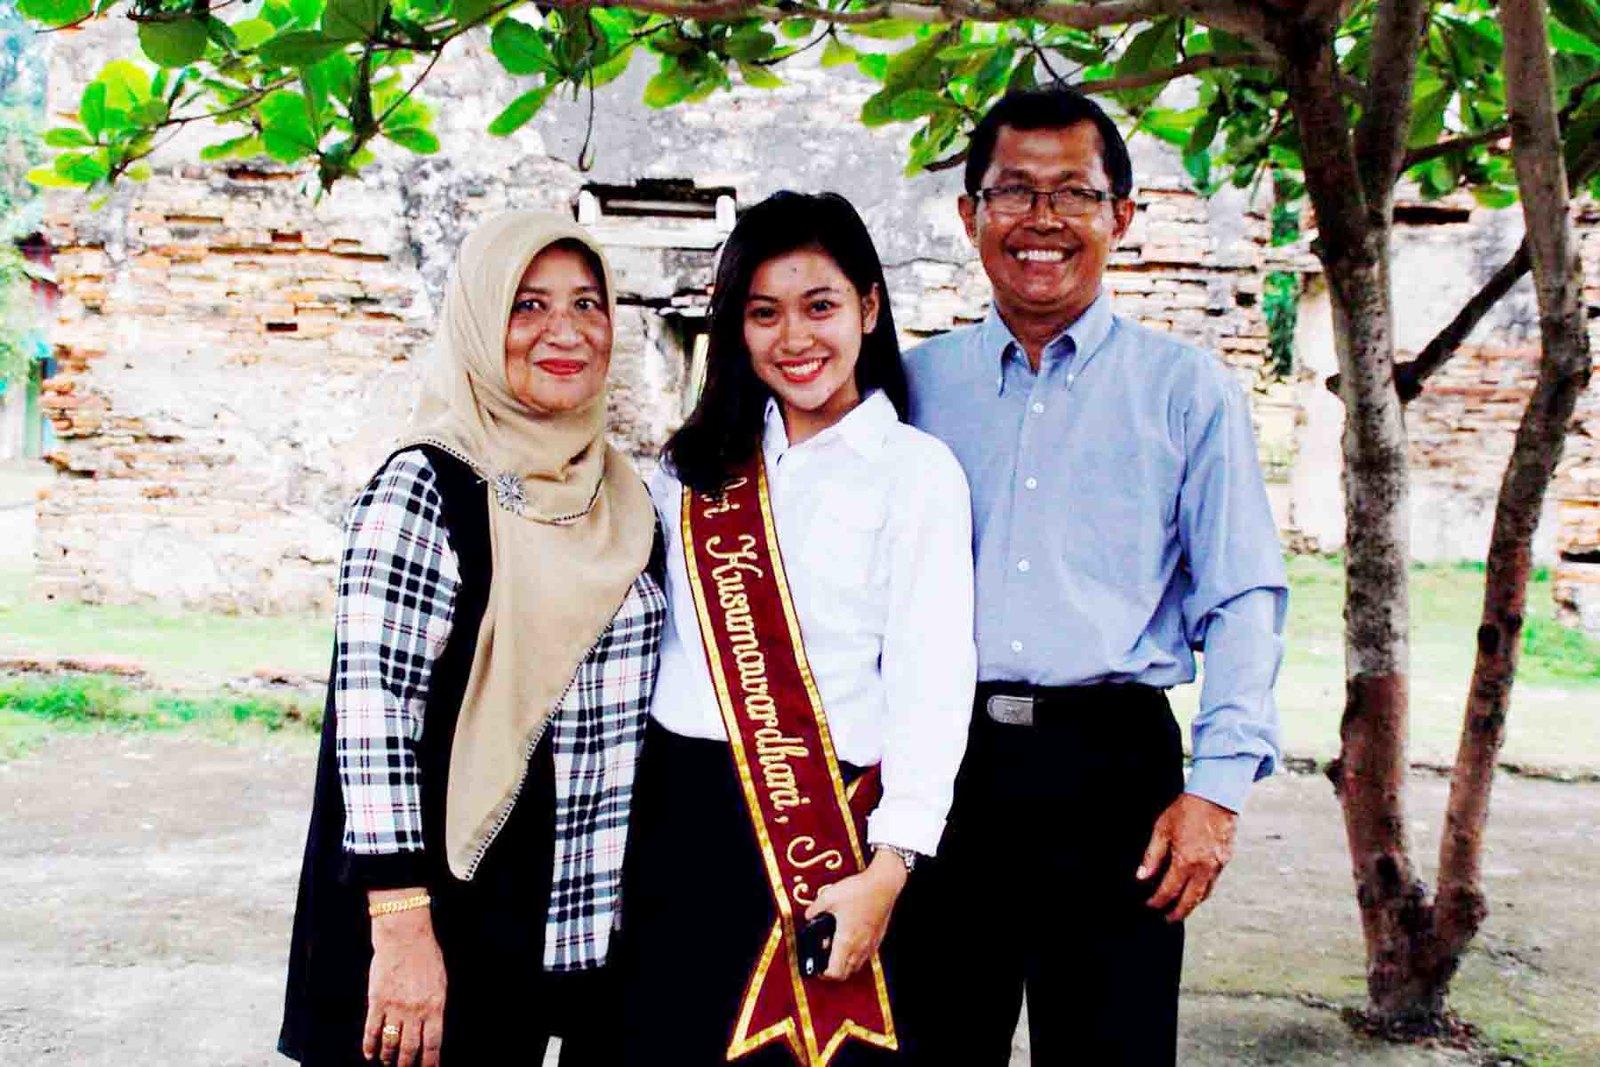 Ari Kusumawardhani yang didampingi kedua orang tuanya dalam tugas akhir karya lingkungan Rentak Gurindam di Pulau Penyengat